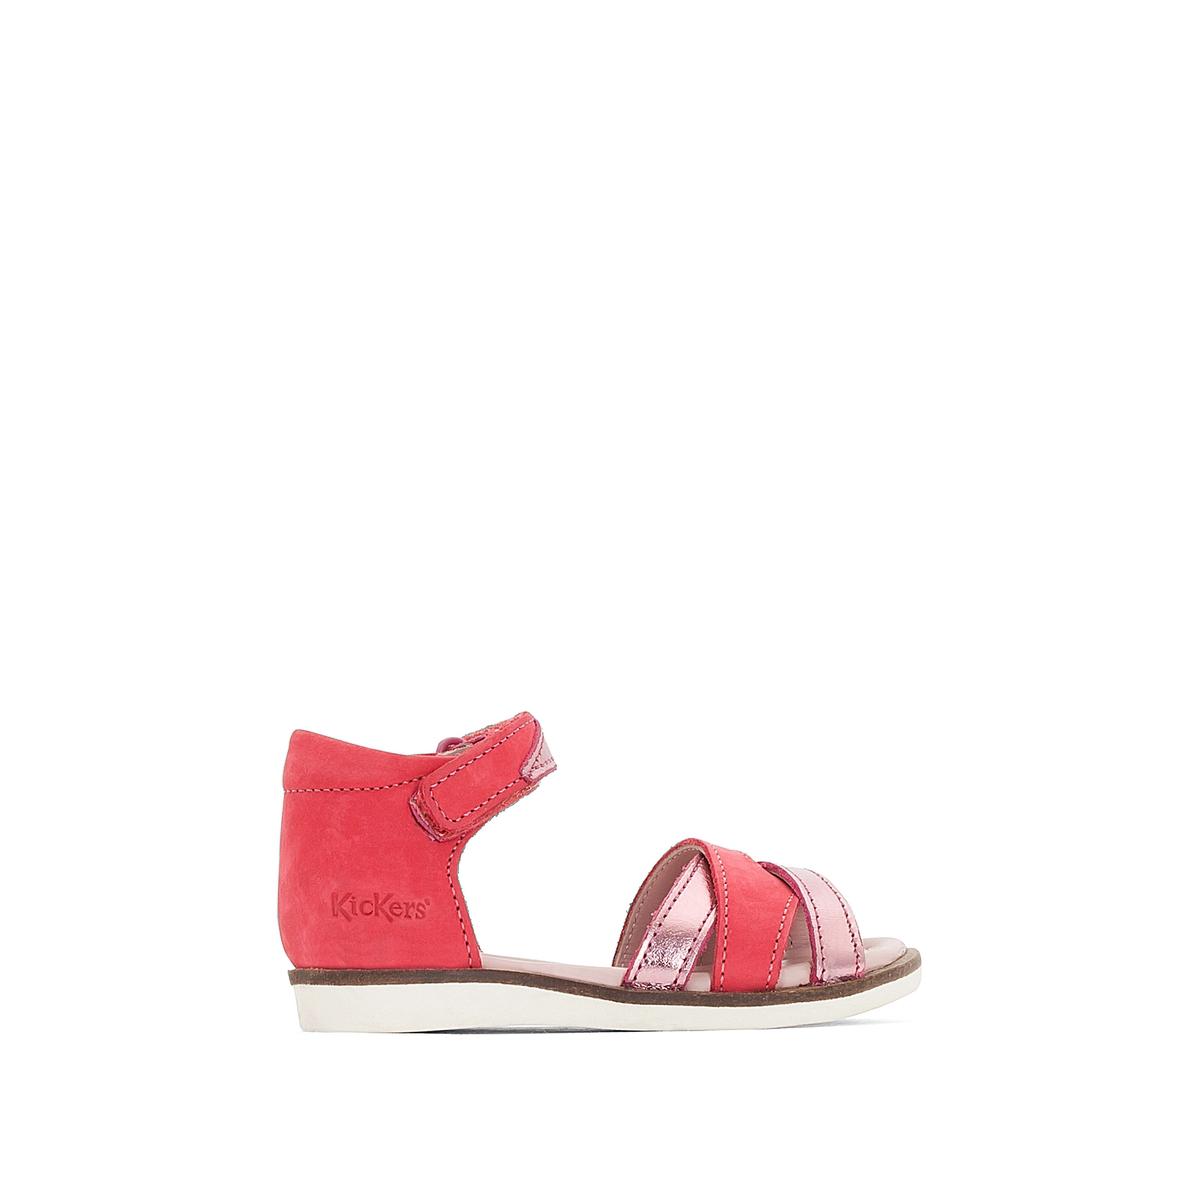 Босоножки кожаные GigiВерх : нубук    Подкладка : кожа   Стелька : кожа   Подошва : каучук    Застежка : планка-велкро<br><br>Цвет: розовый фуксия